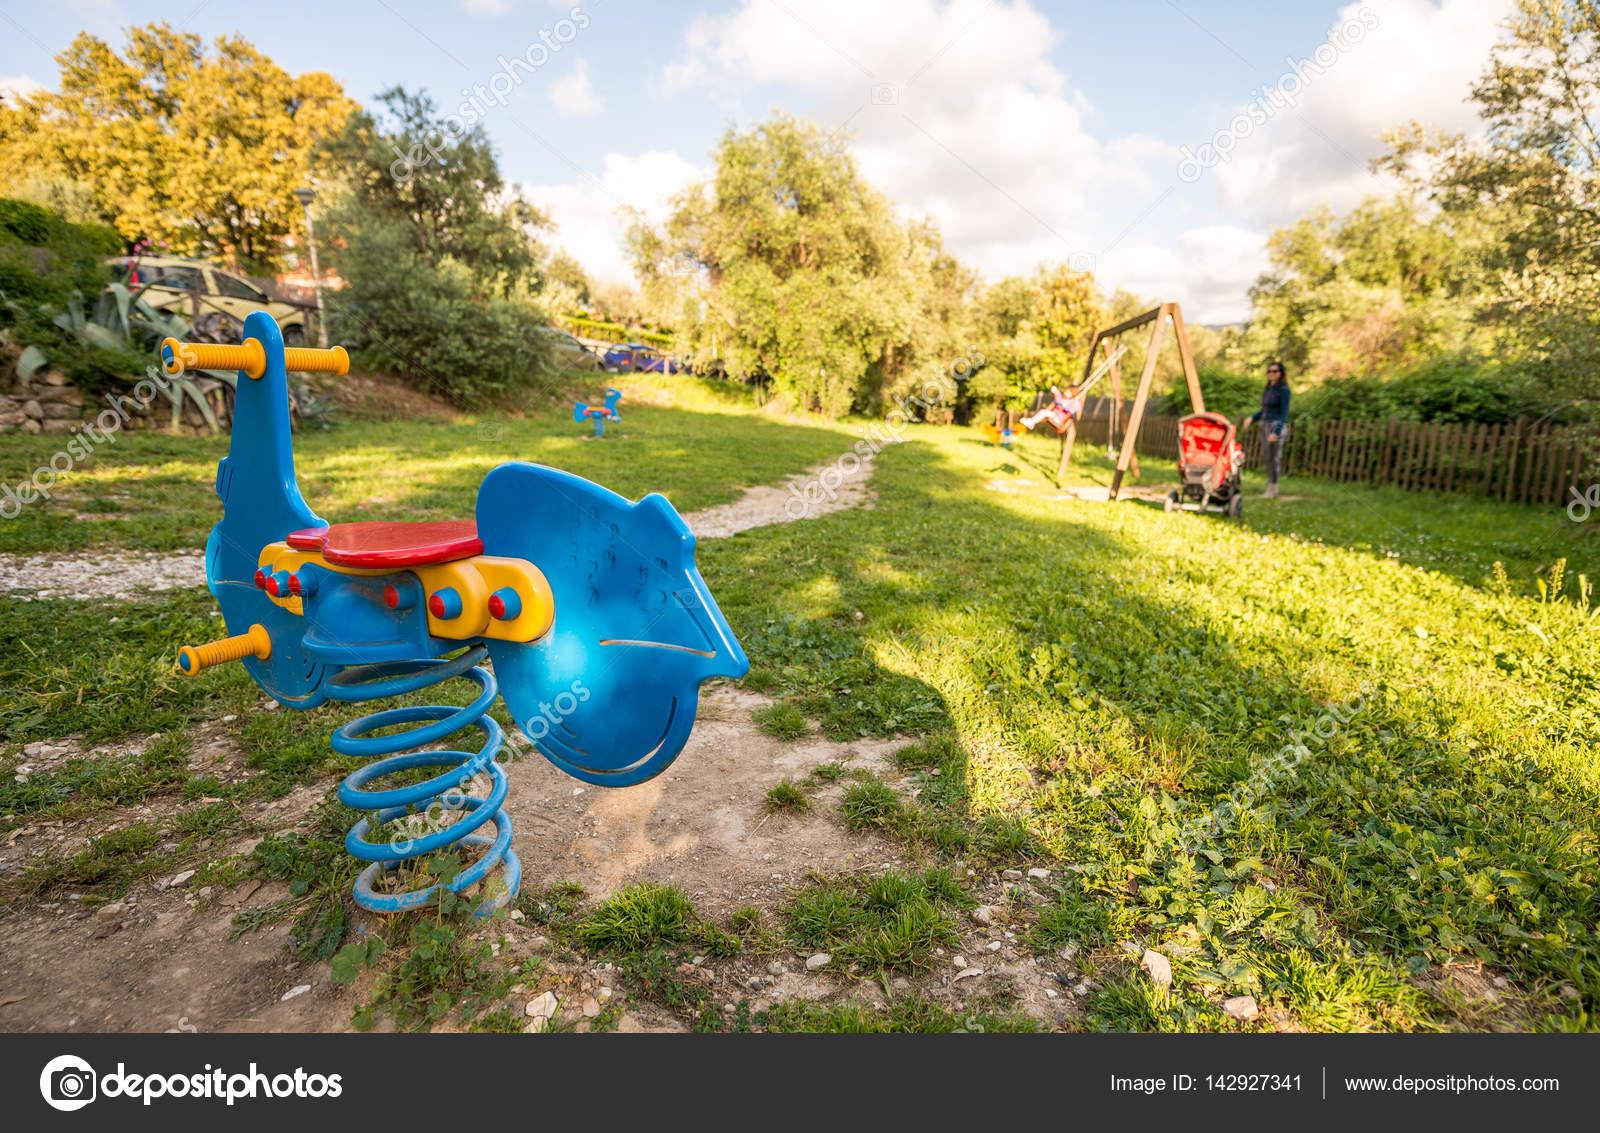 Parque juegos para ni os patio jard n foto de stock 142927341 for Juegos de jardin para nios en puebla